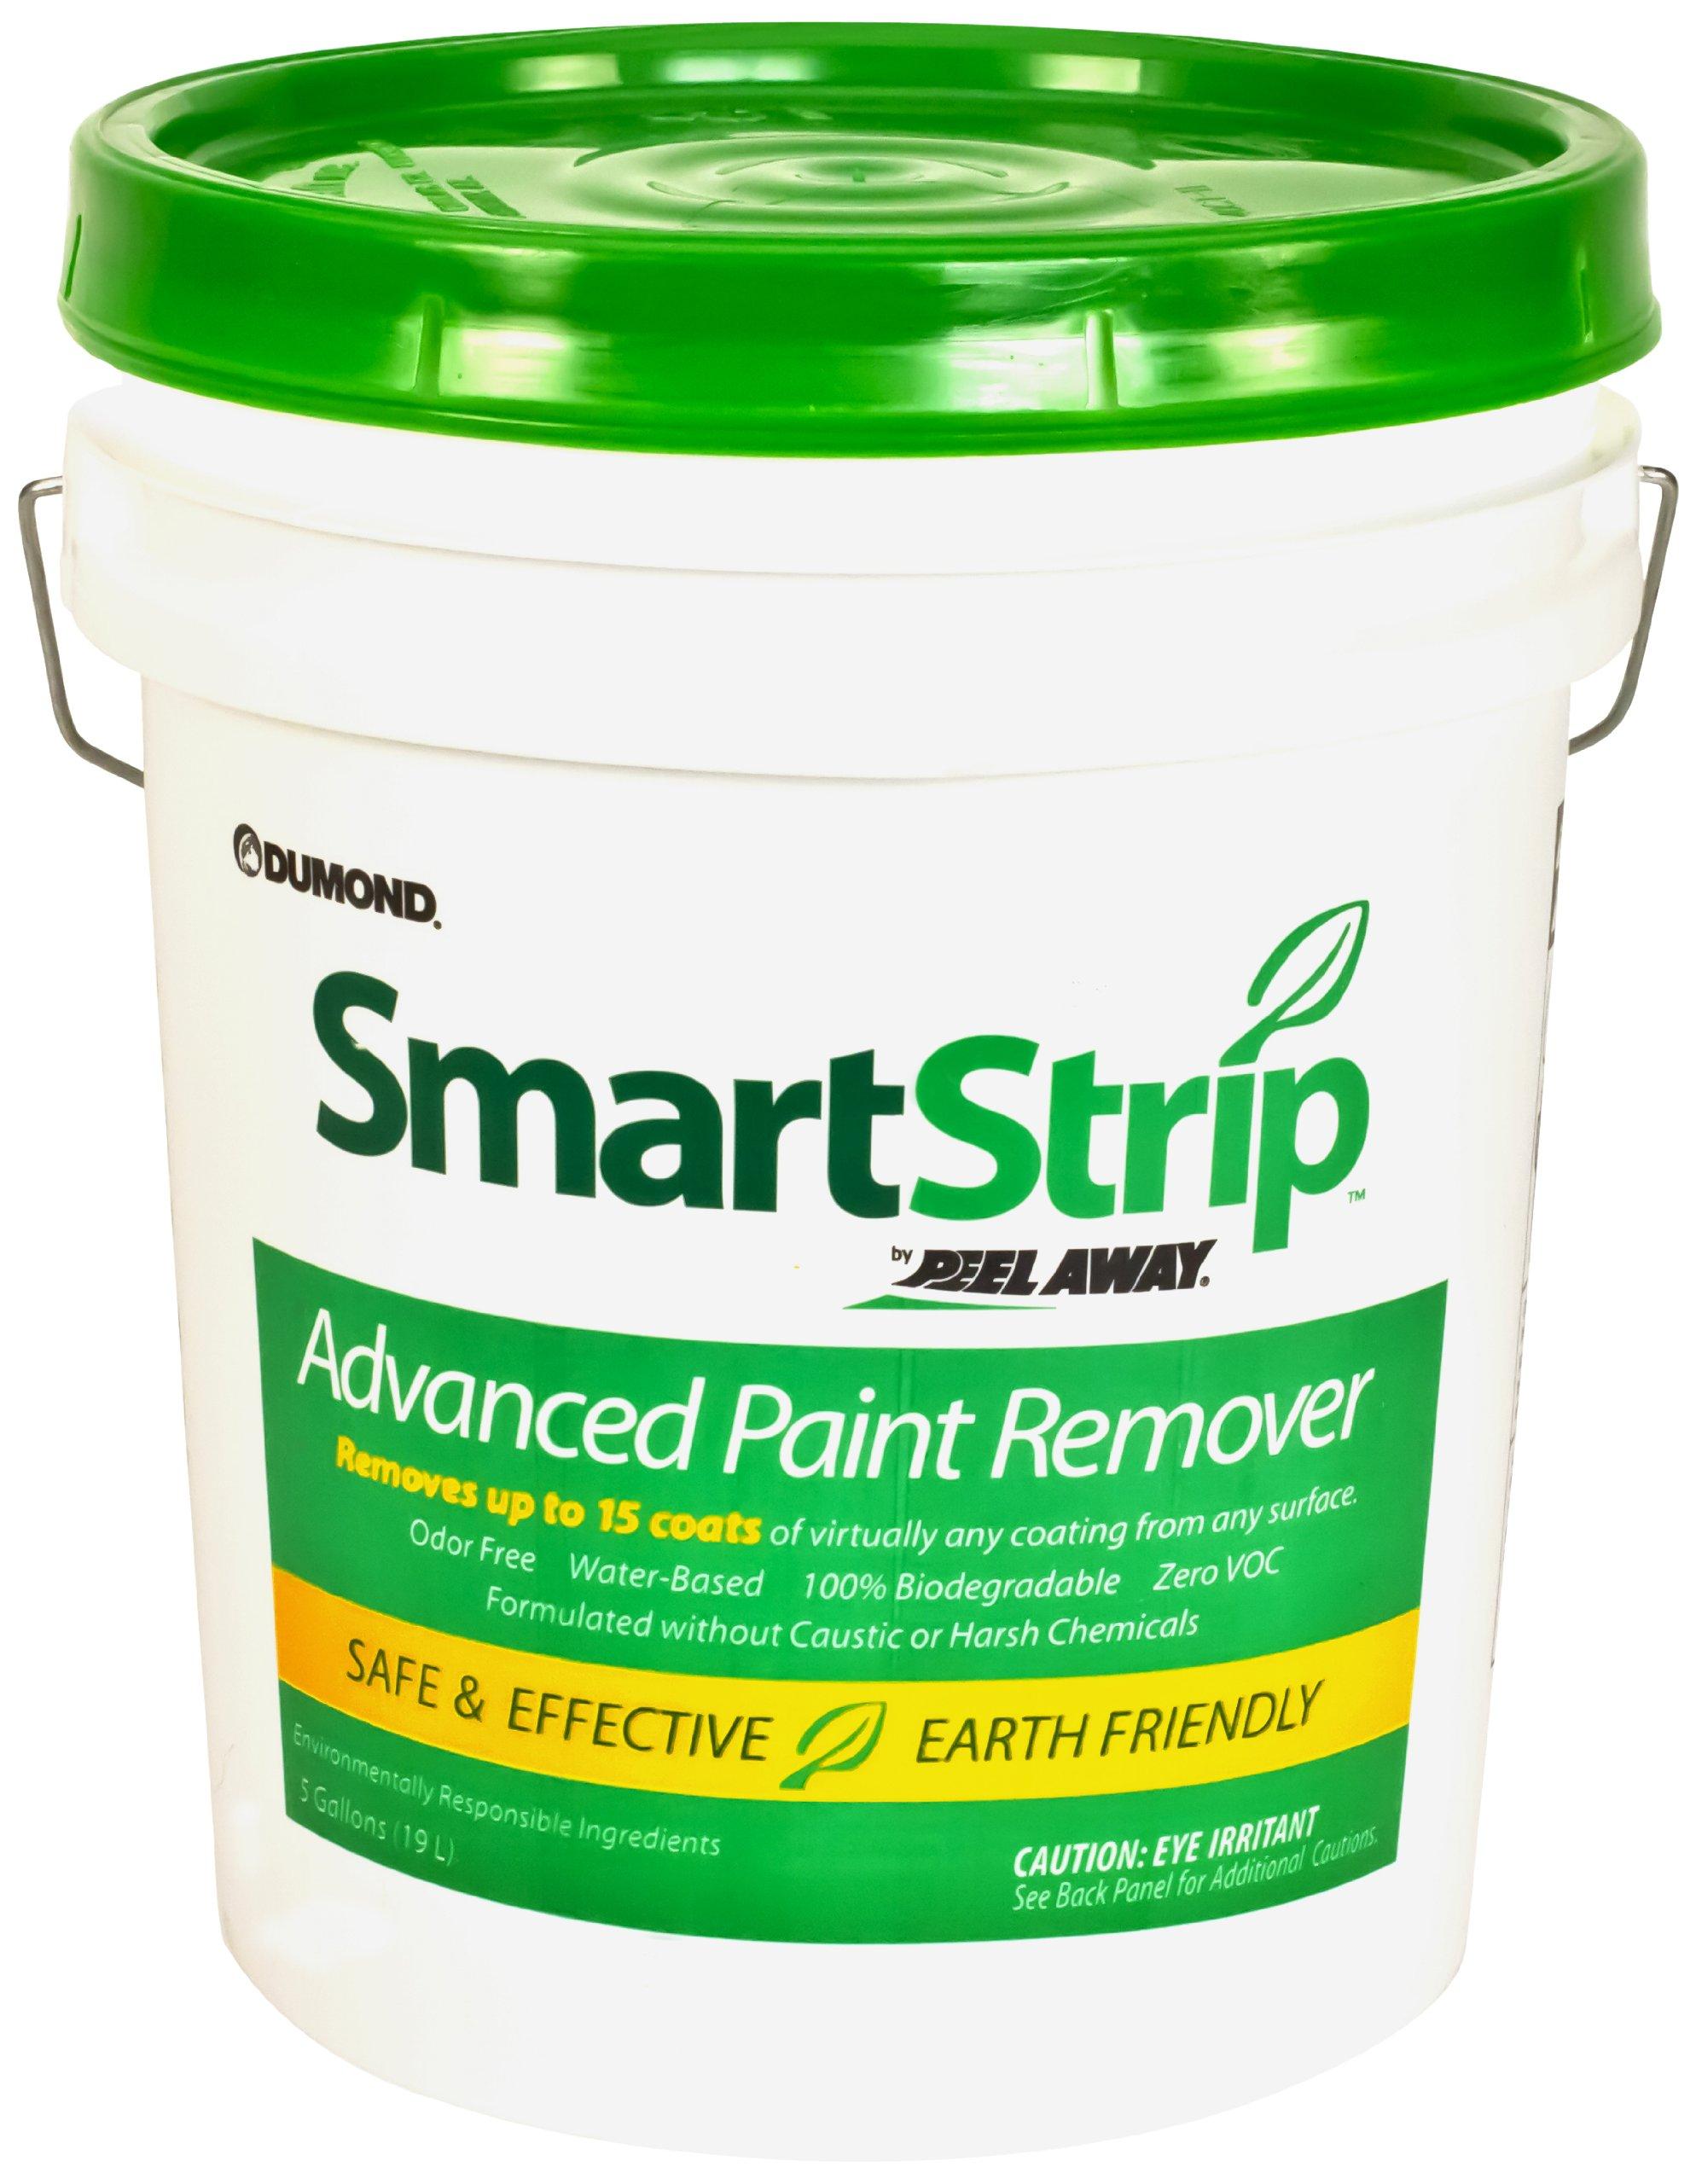 Dumond Chemicals, Inc. 3305 Smart Strip Advanced Paint Remover, 5 Gallon